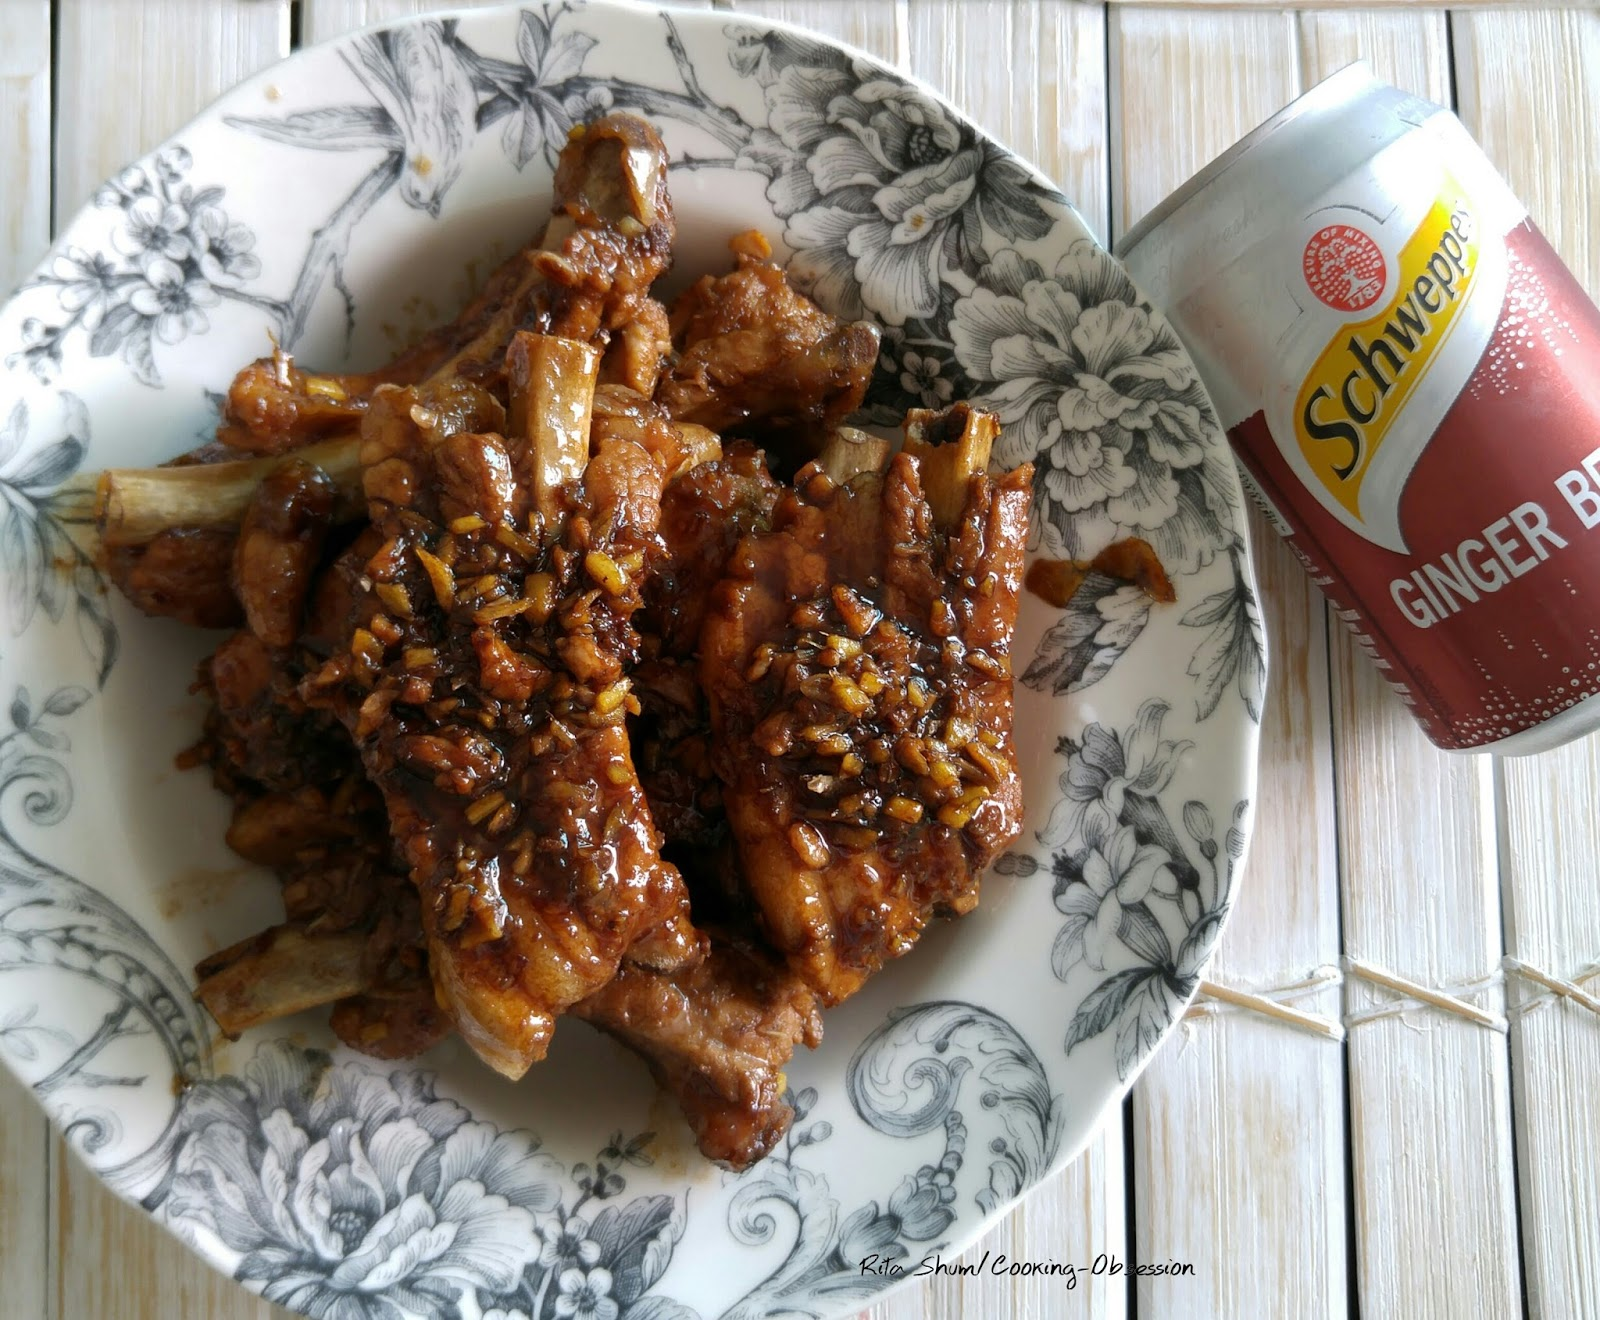 慢煮薑啤陳醋骨 Slow cook pork ribs in ginger beer and aged sorghum vinegar ~ Rita Shum